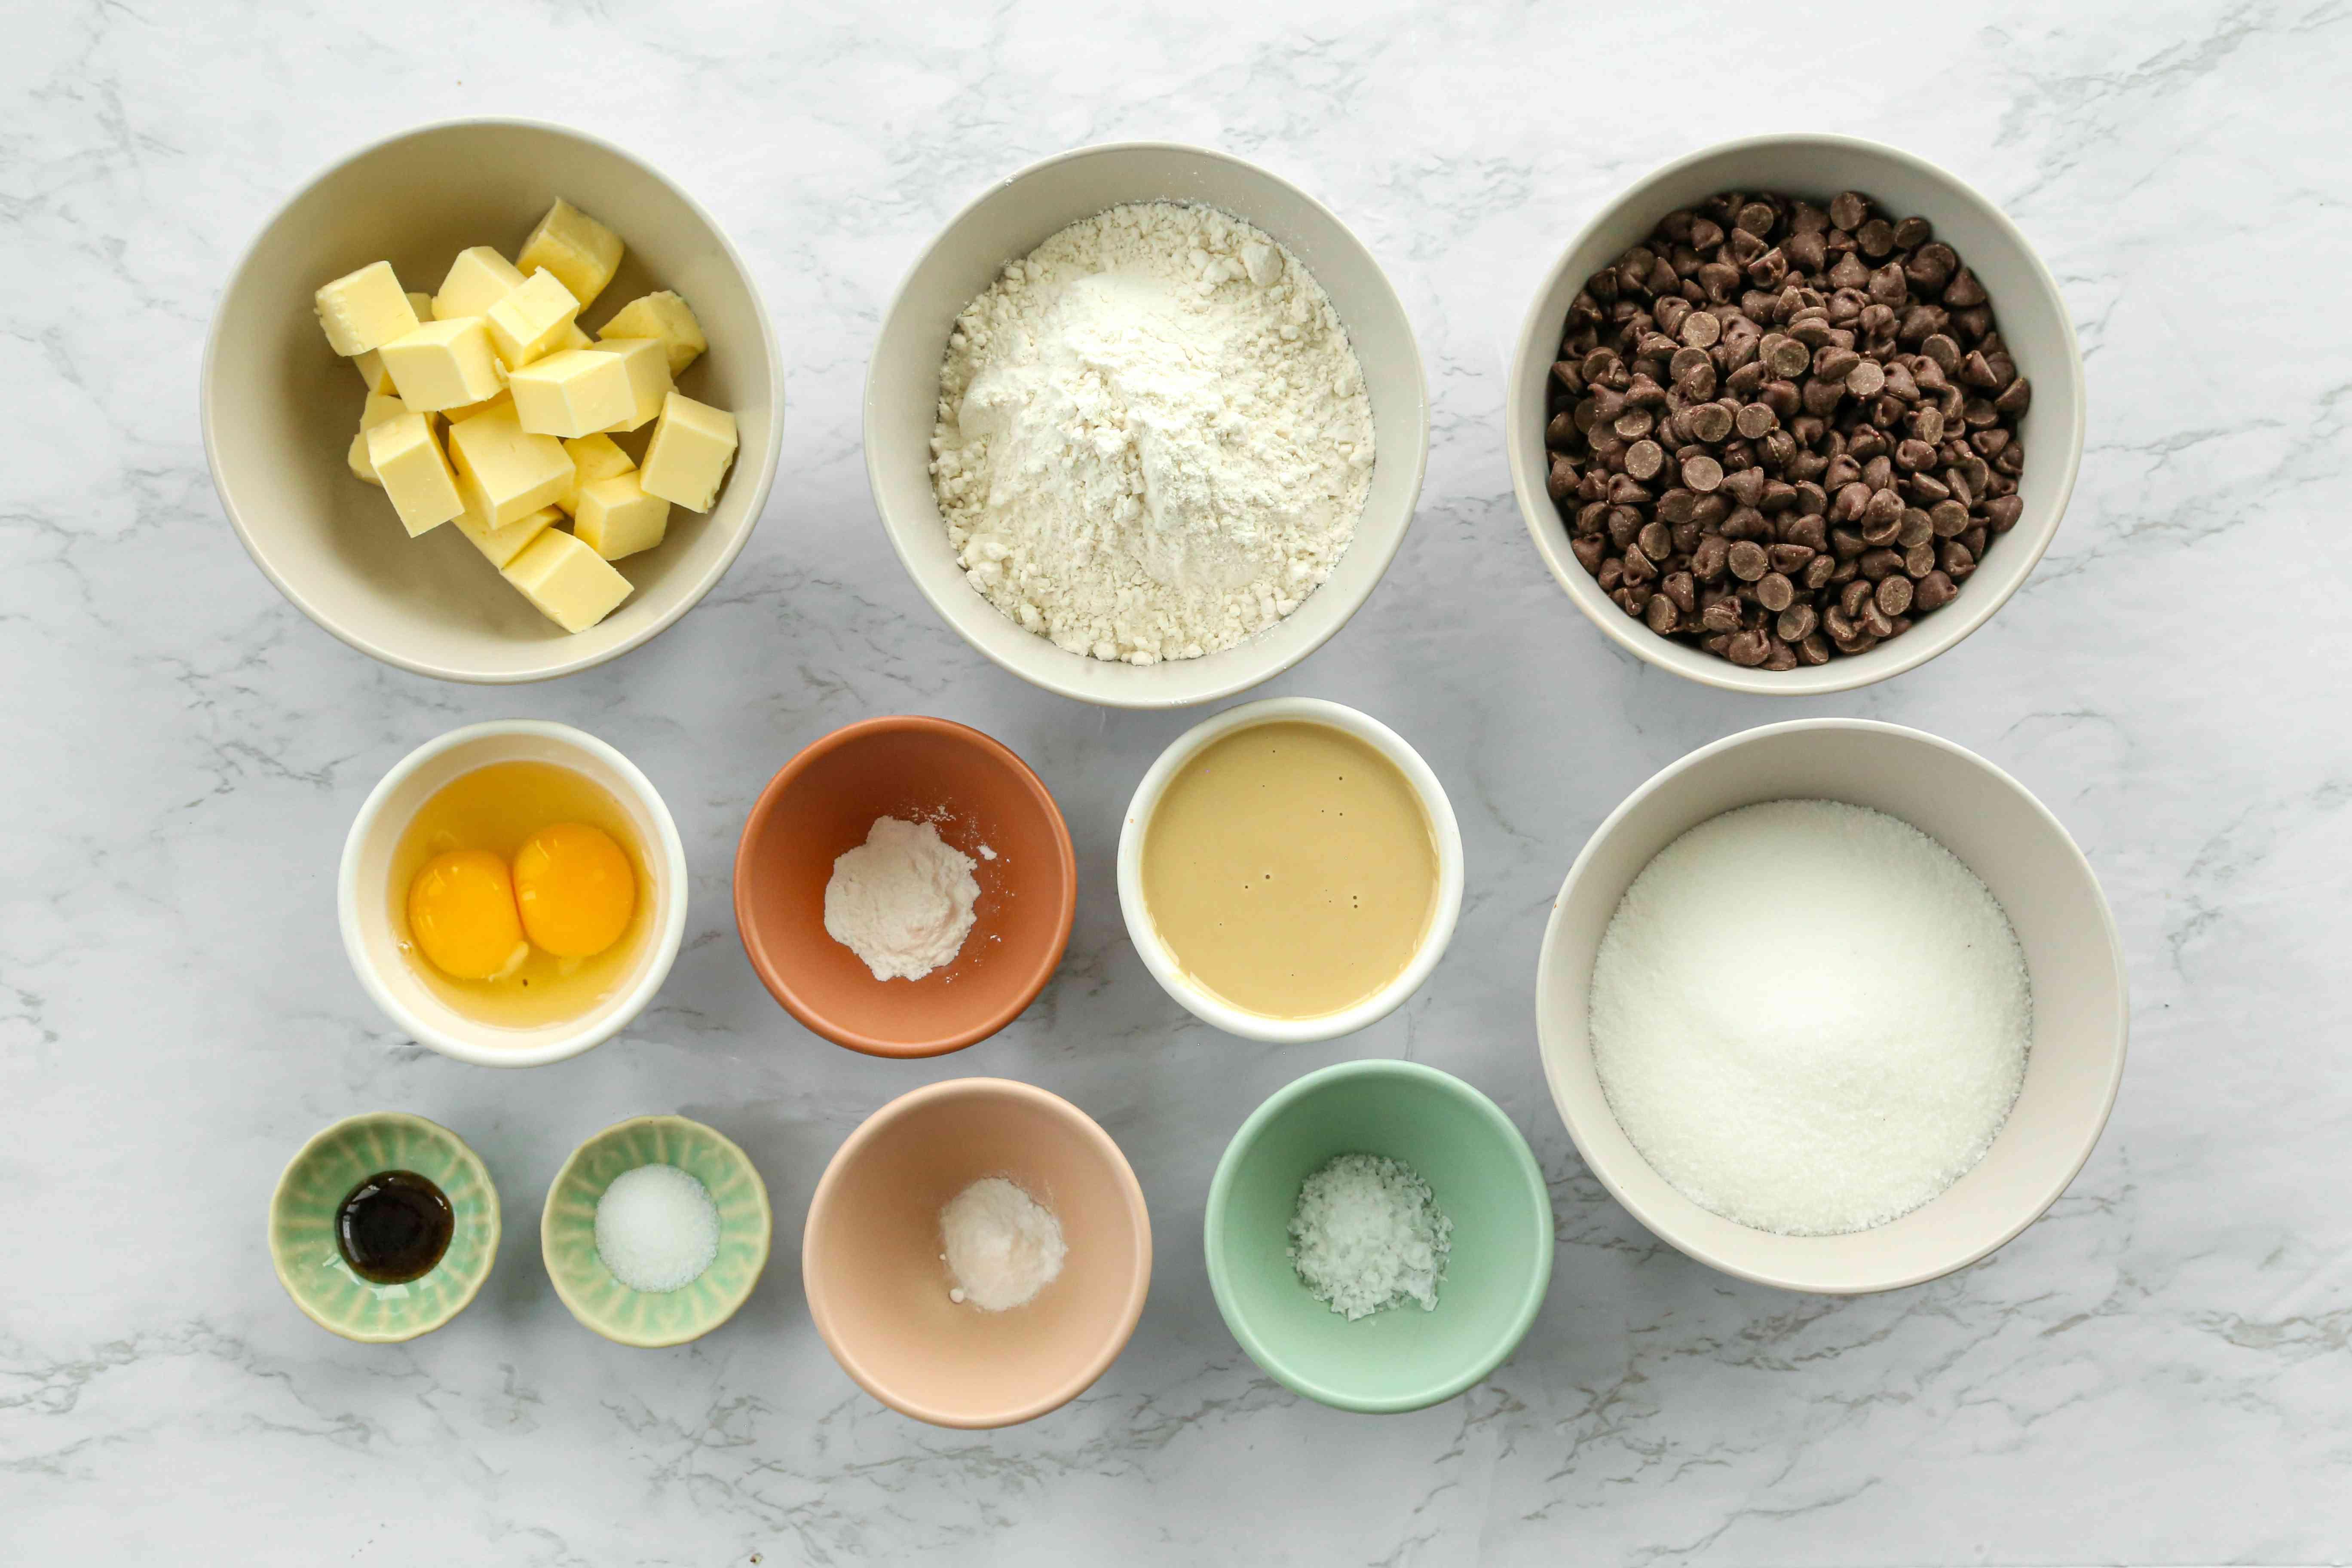 Salted Chocolate Chip Tahini Cookies ingredients